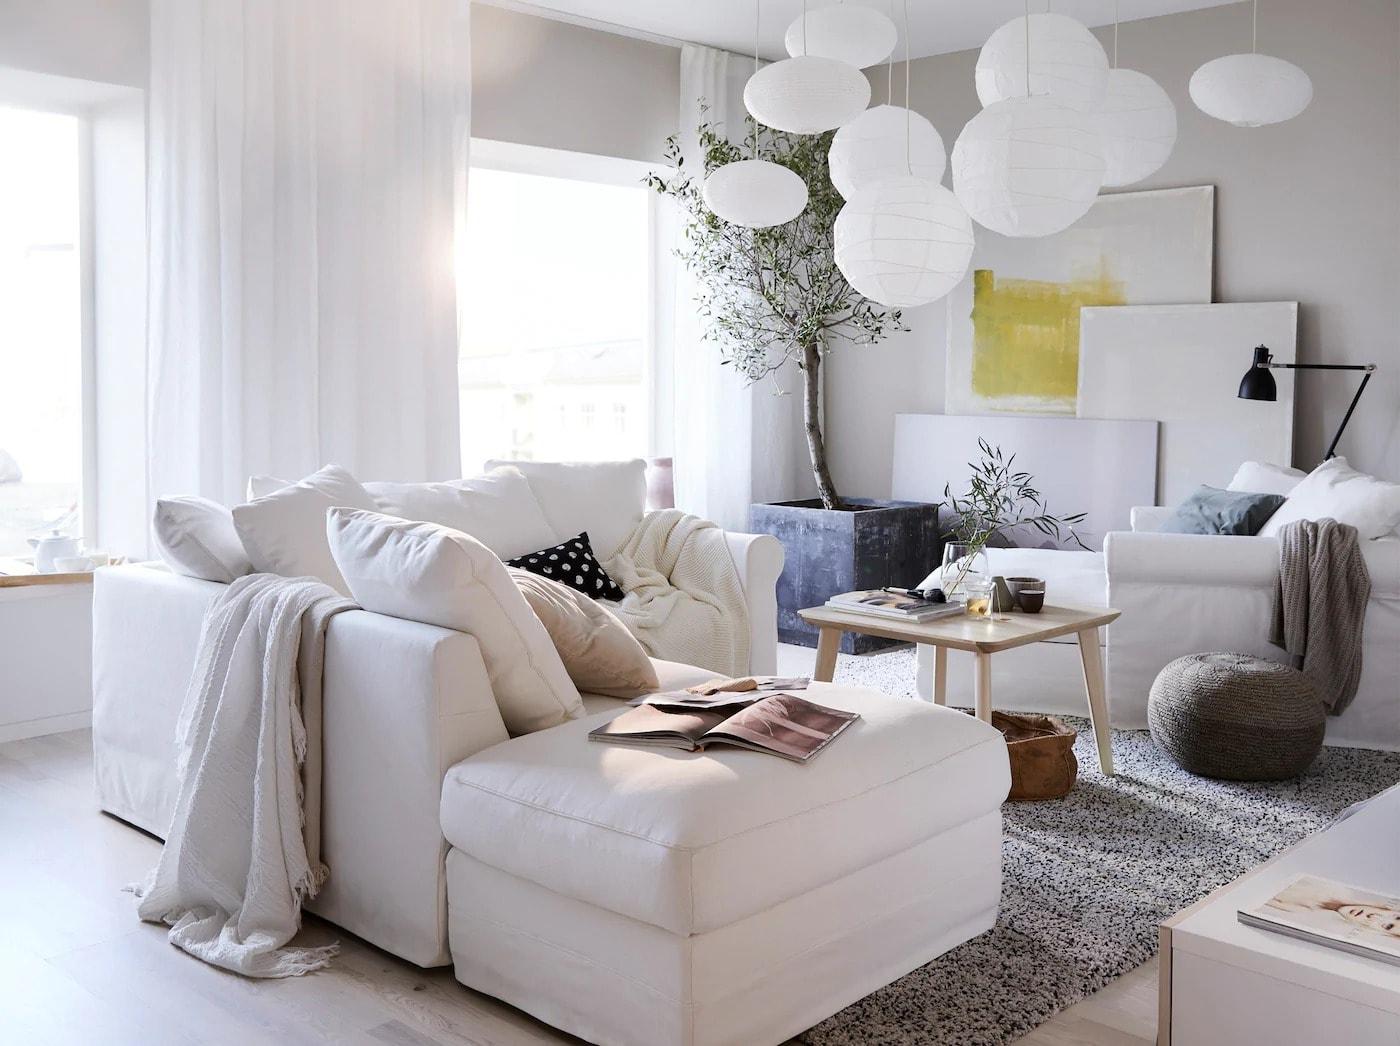 Vardagsrum med vita soffor och harmoniska färger